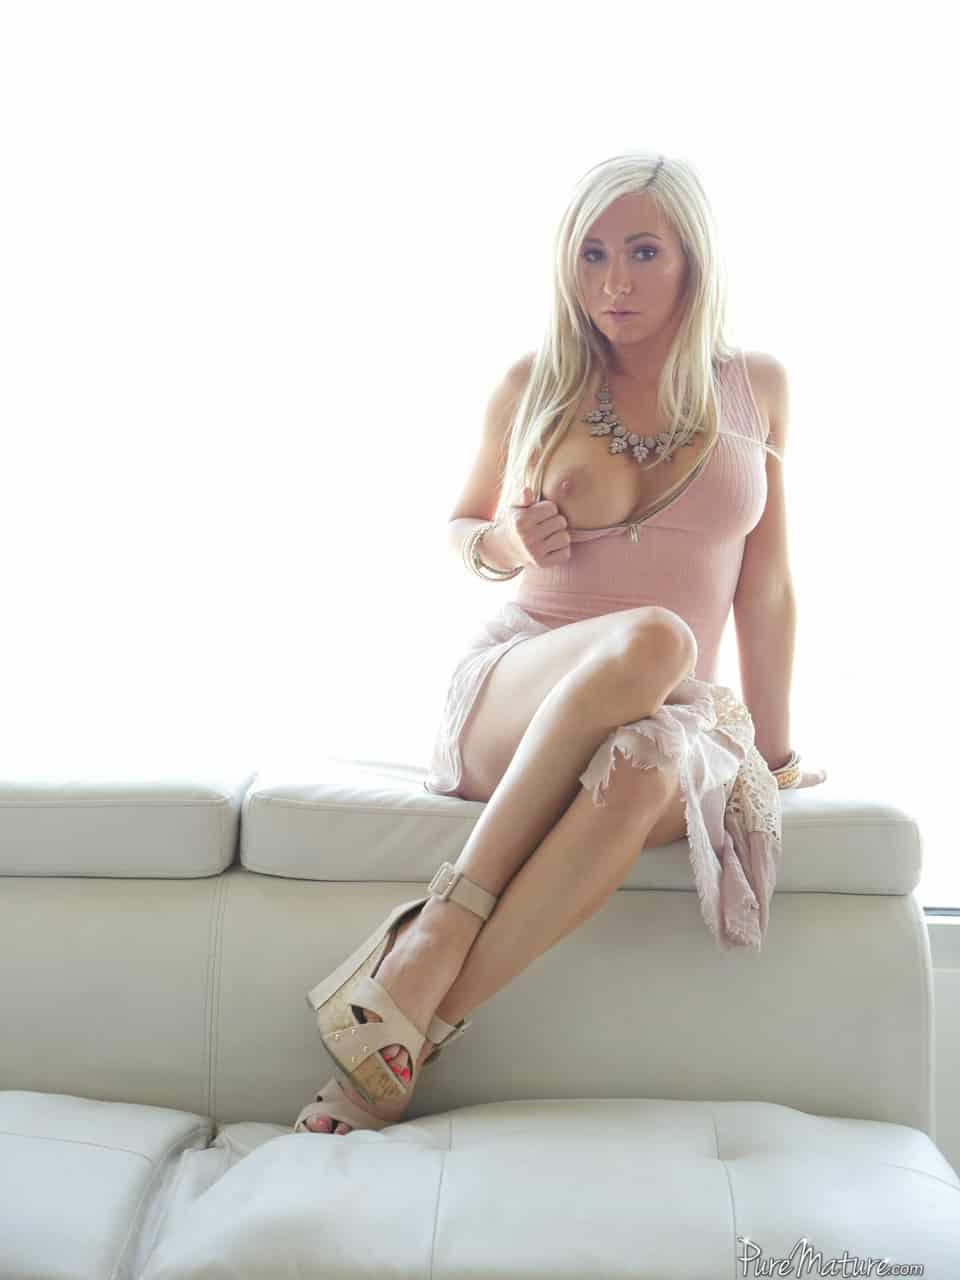 fotos de loira safada nua mostrando o bucetao 9418 - Fotos de loira safada nua mostrando o bucetão